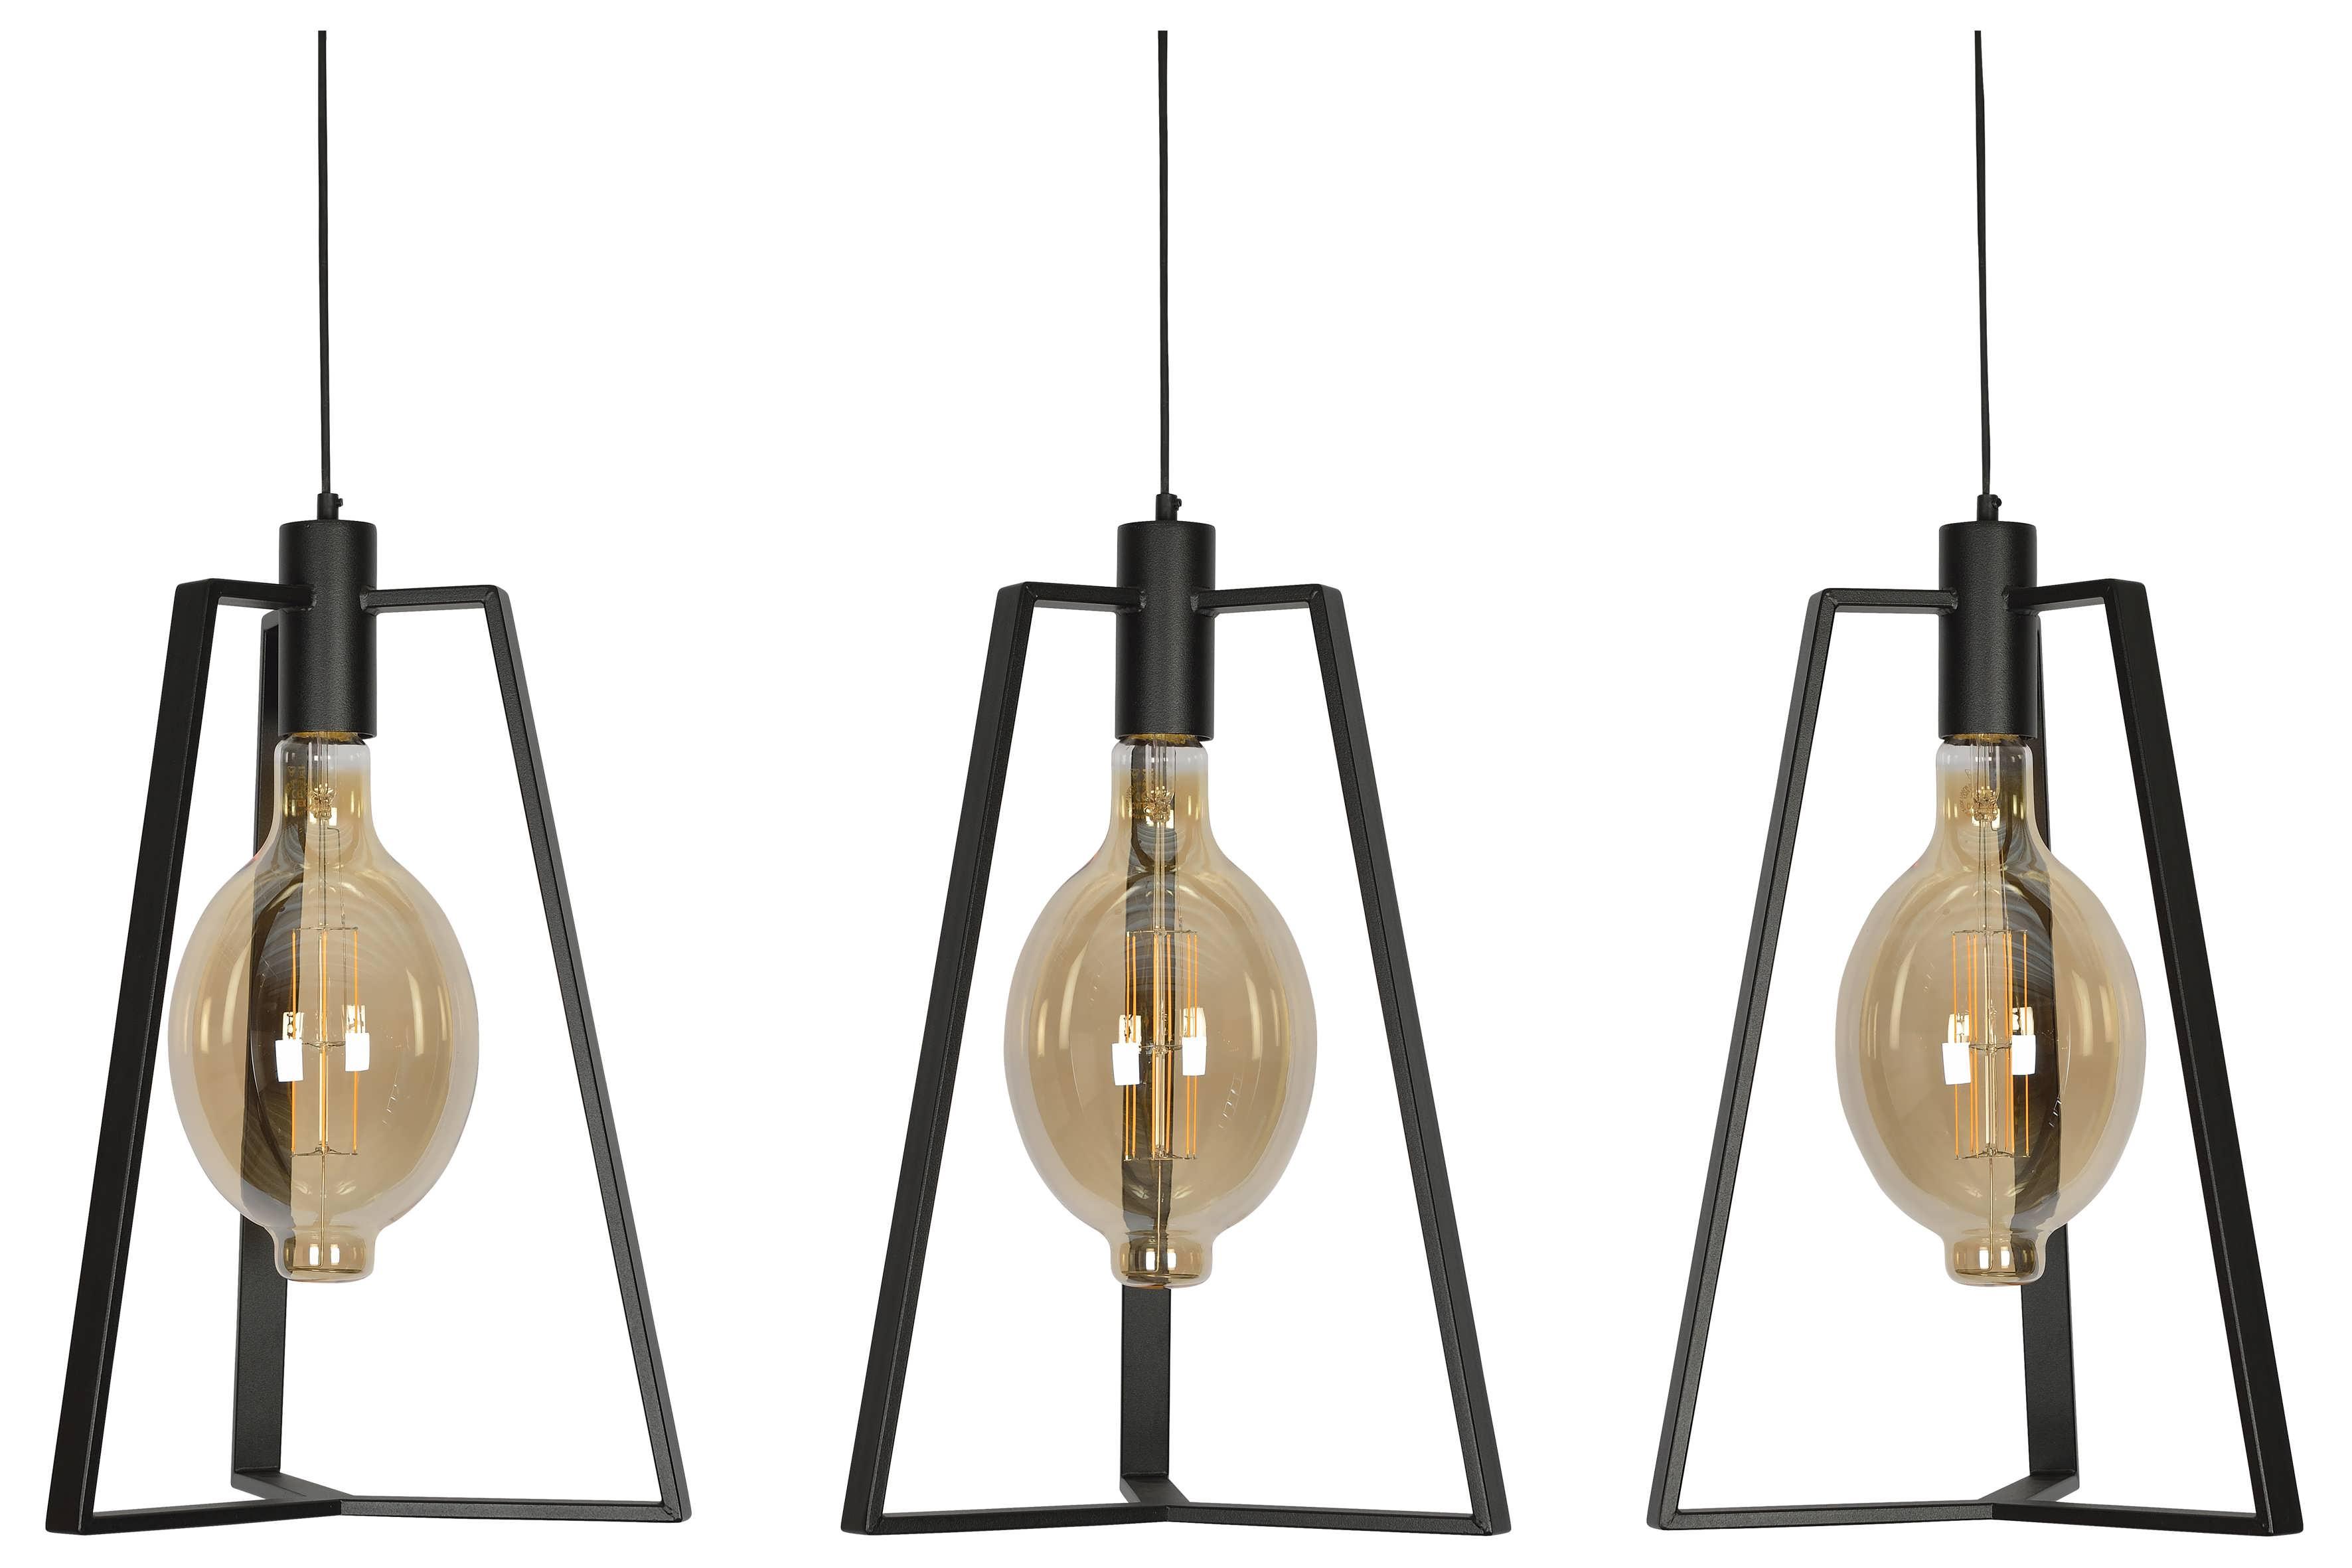 Hanglamp Trevisio 170cm - RAL 9005 zwart - 3x E27-E40